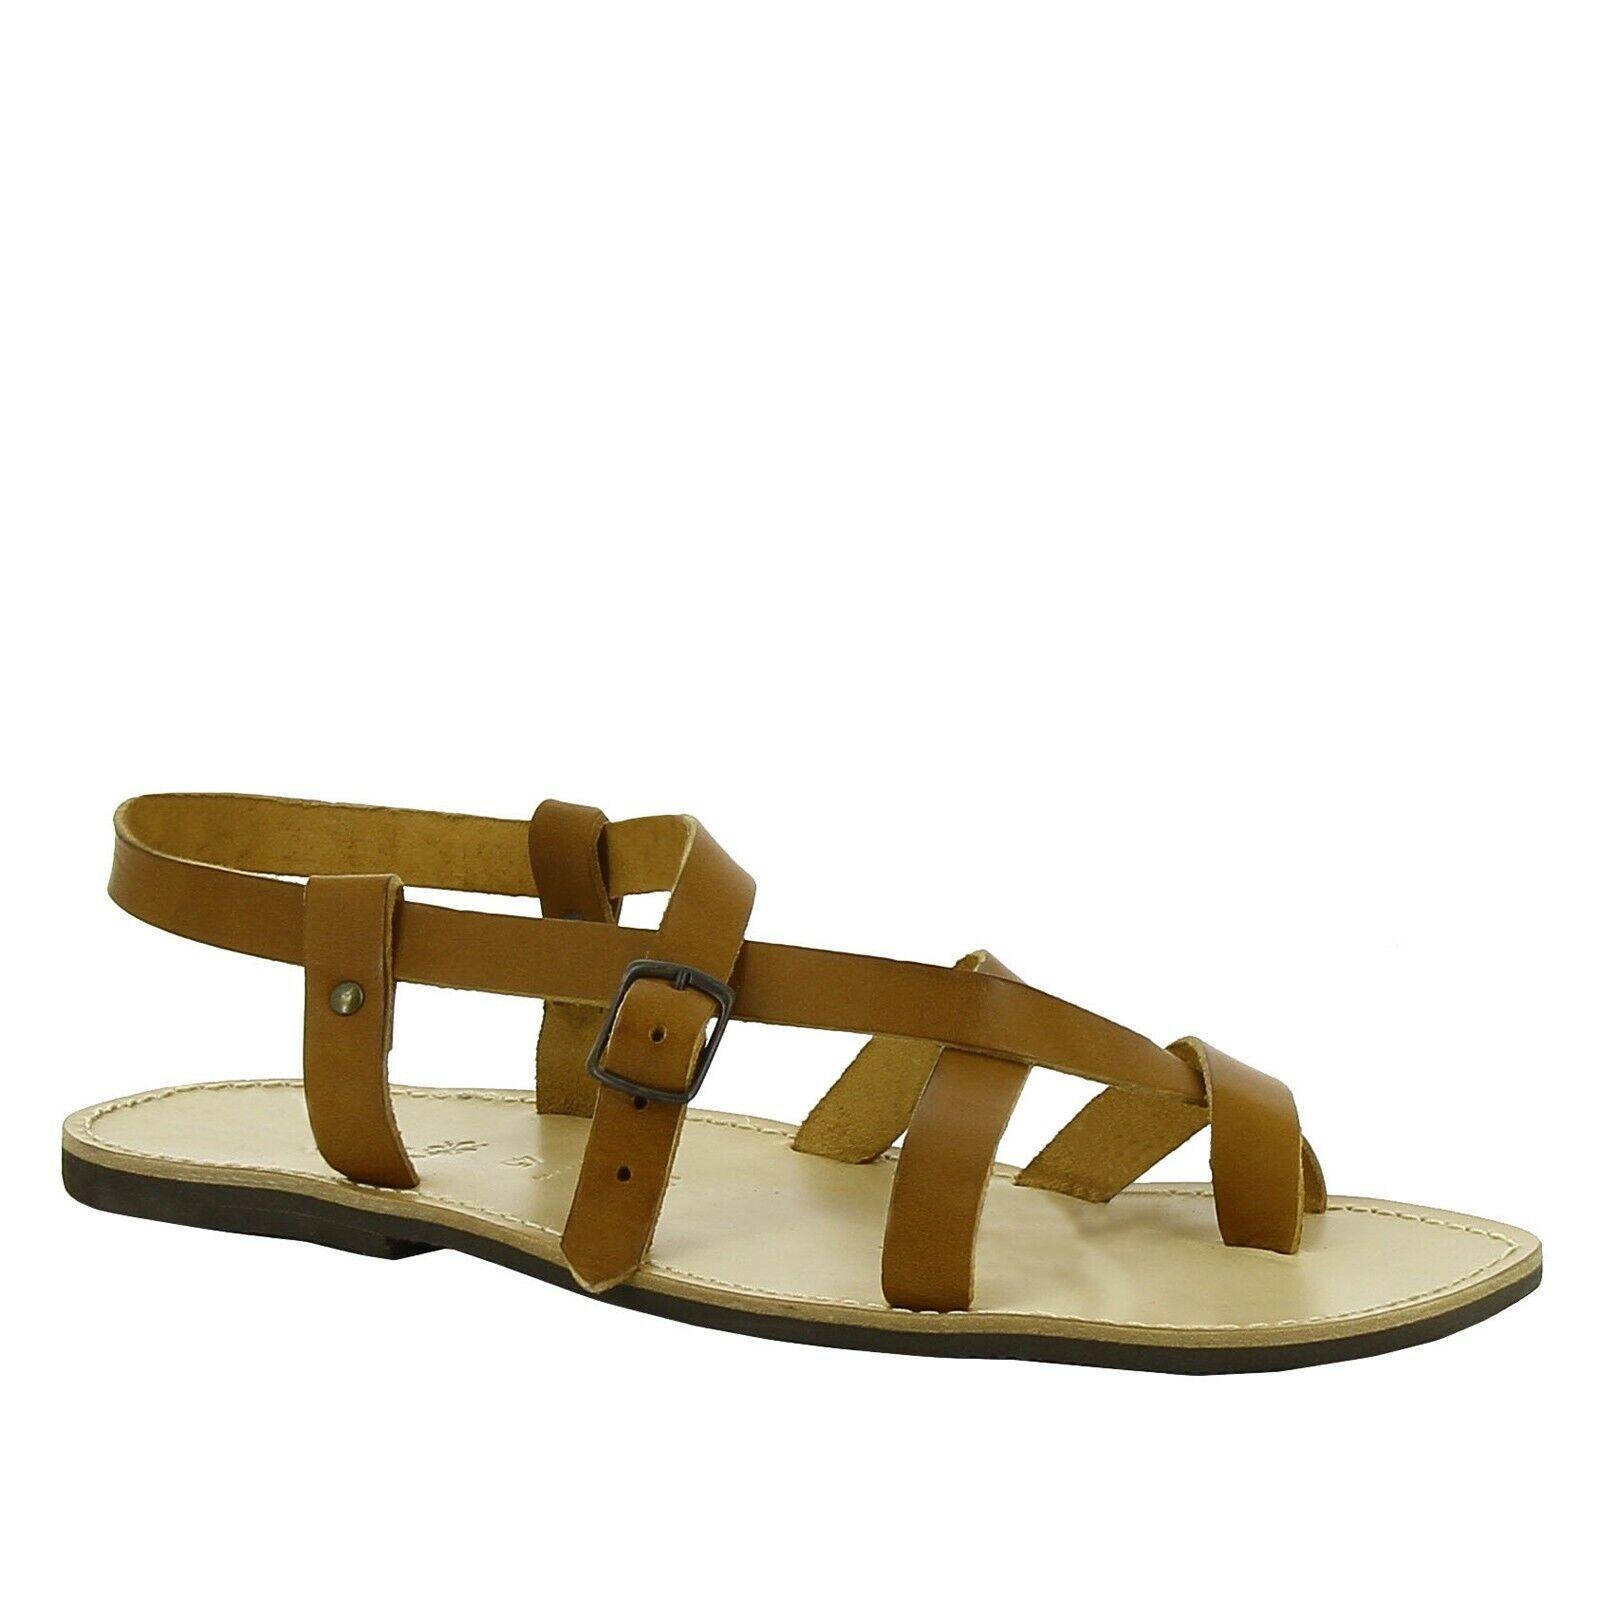 Fait Main Homme Cheville Sangle Sandales Tan Cuir Véritable Chaussures Italiennes semelle en caoutchouc